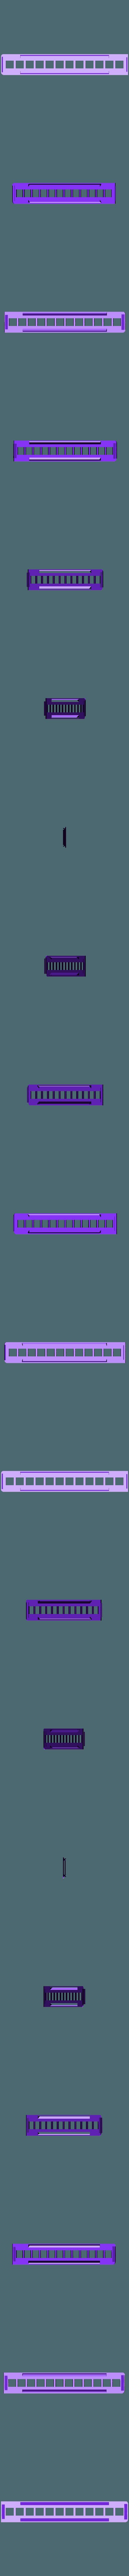 neck-top.stl Download free STL file MX MIDI Guitar • 3D print model, Adafruit